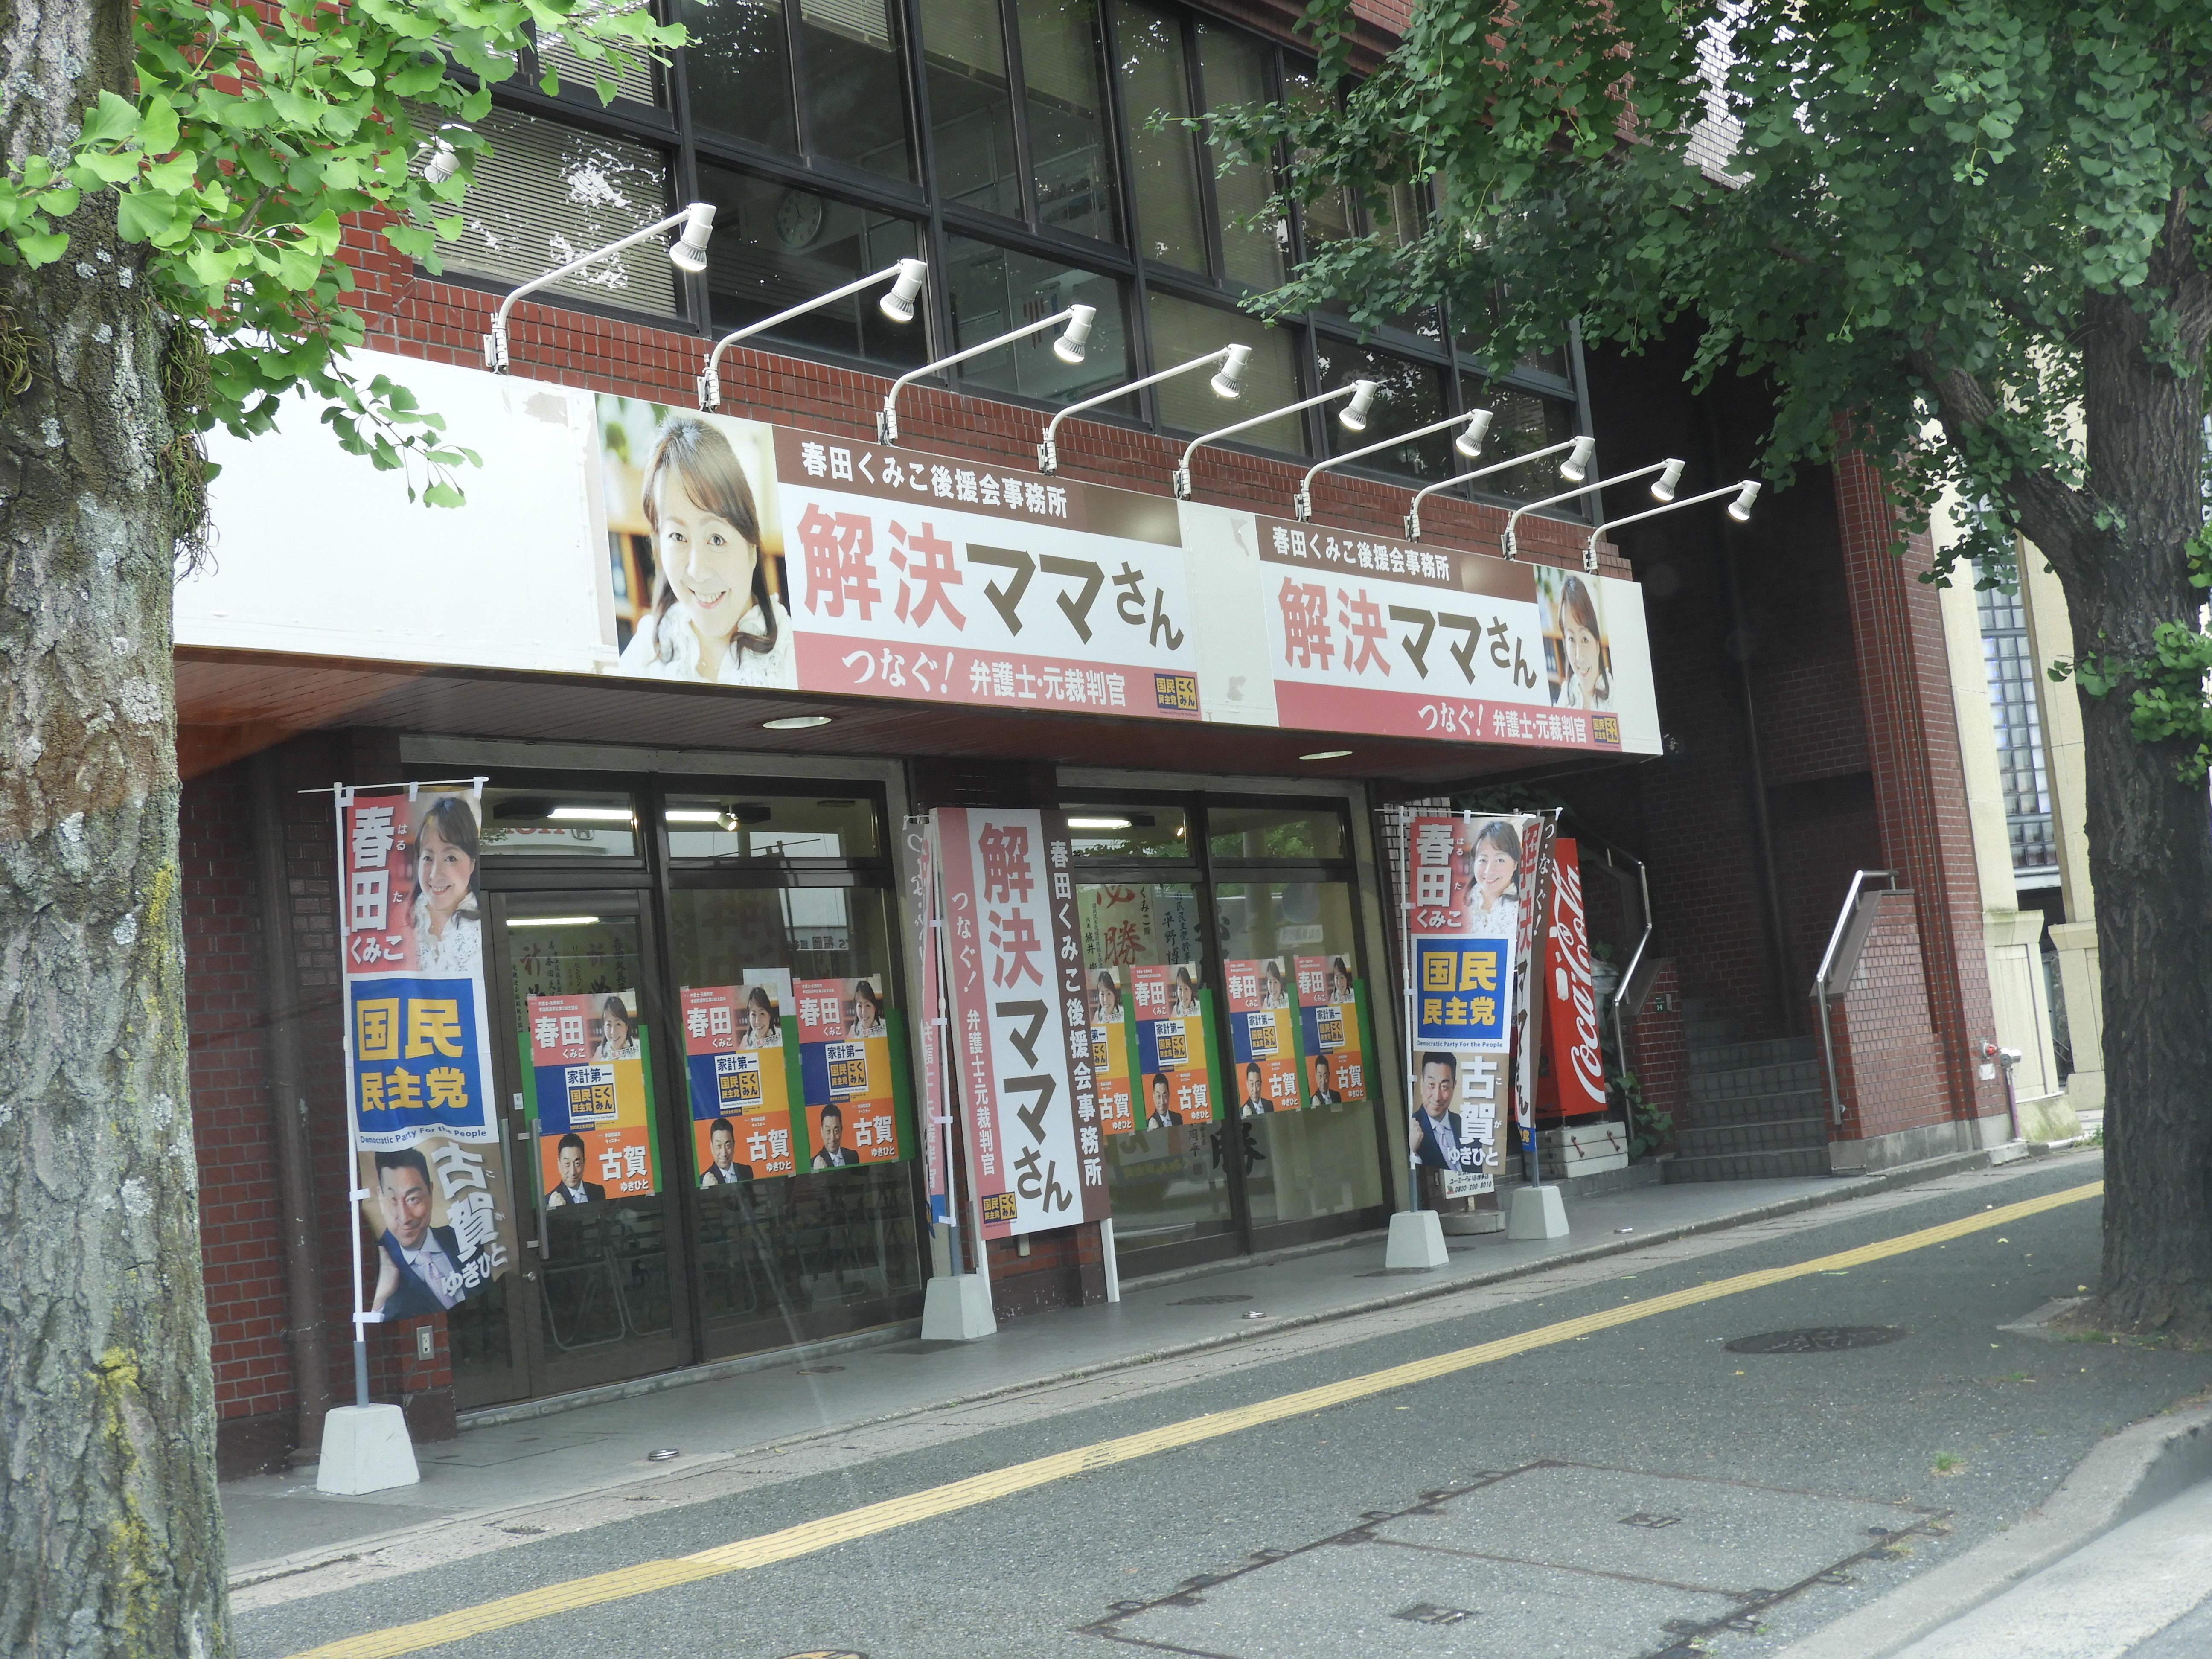 http://hunter-investigate.jp/news/2c07360fcb8335fe510feadbb52244829ca7b260.JPG